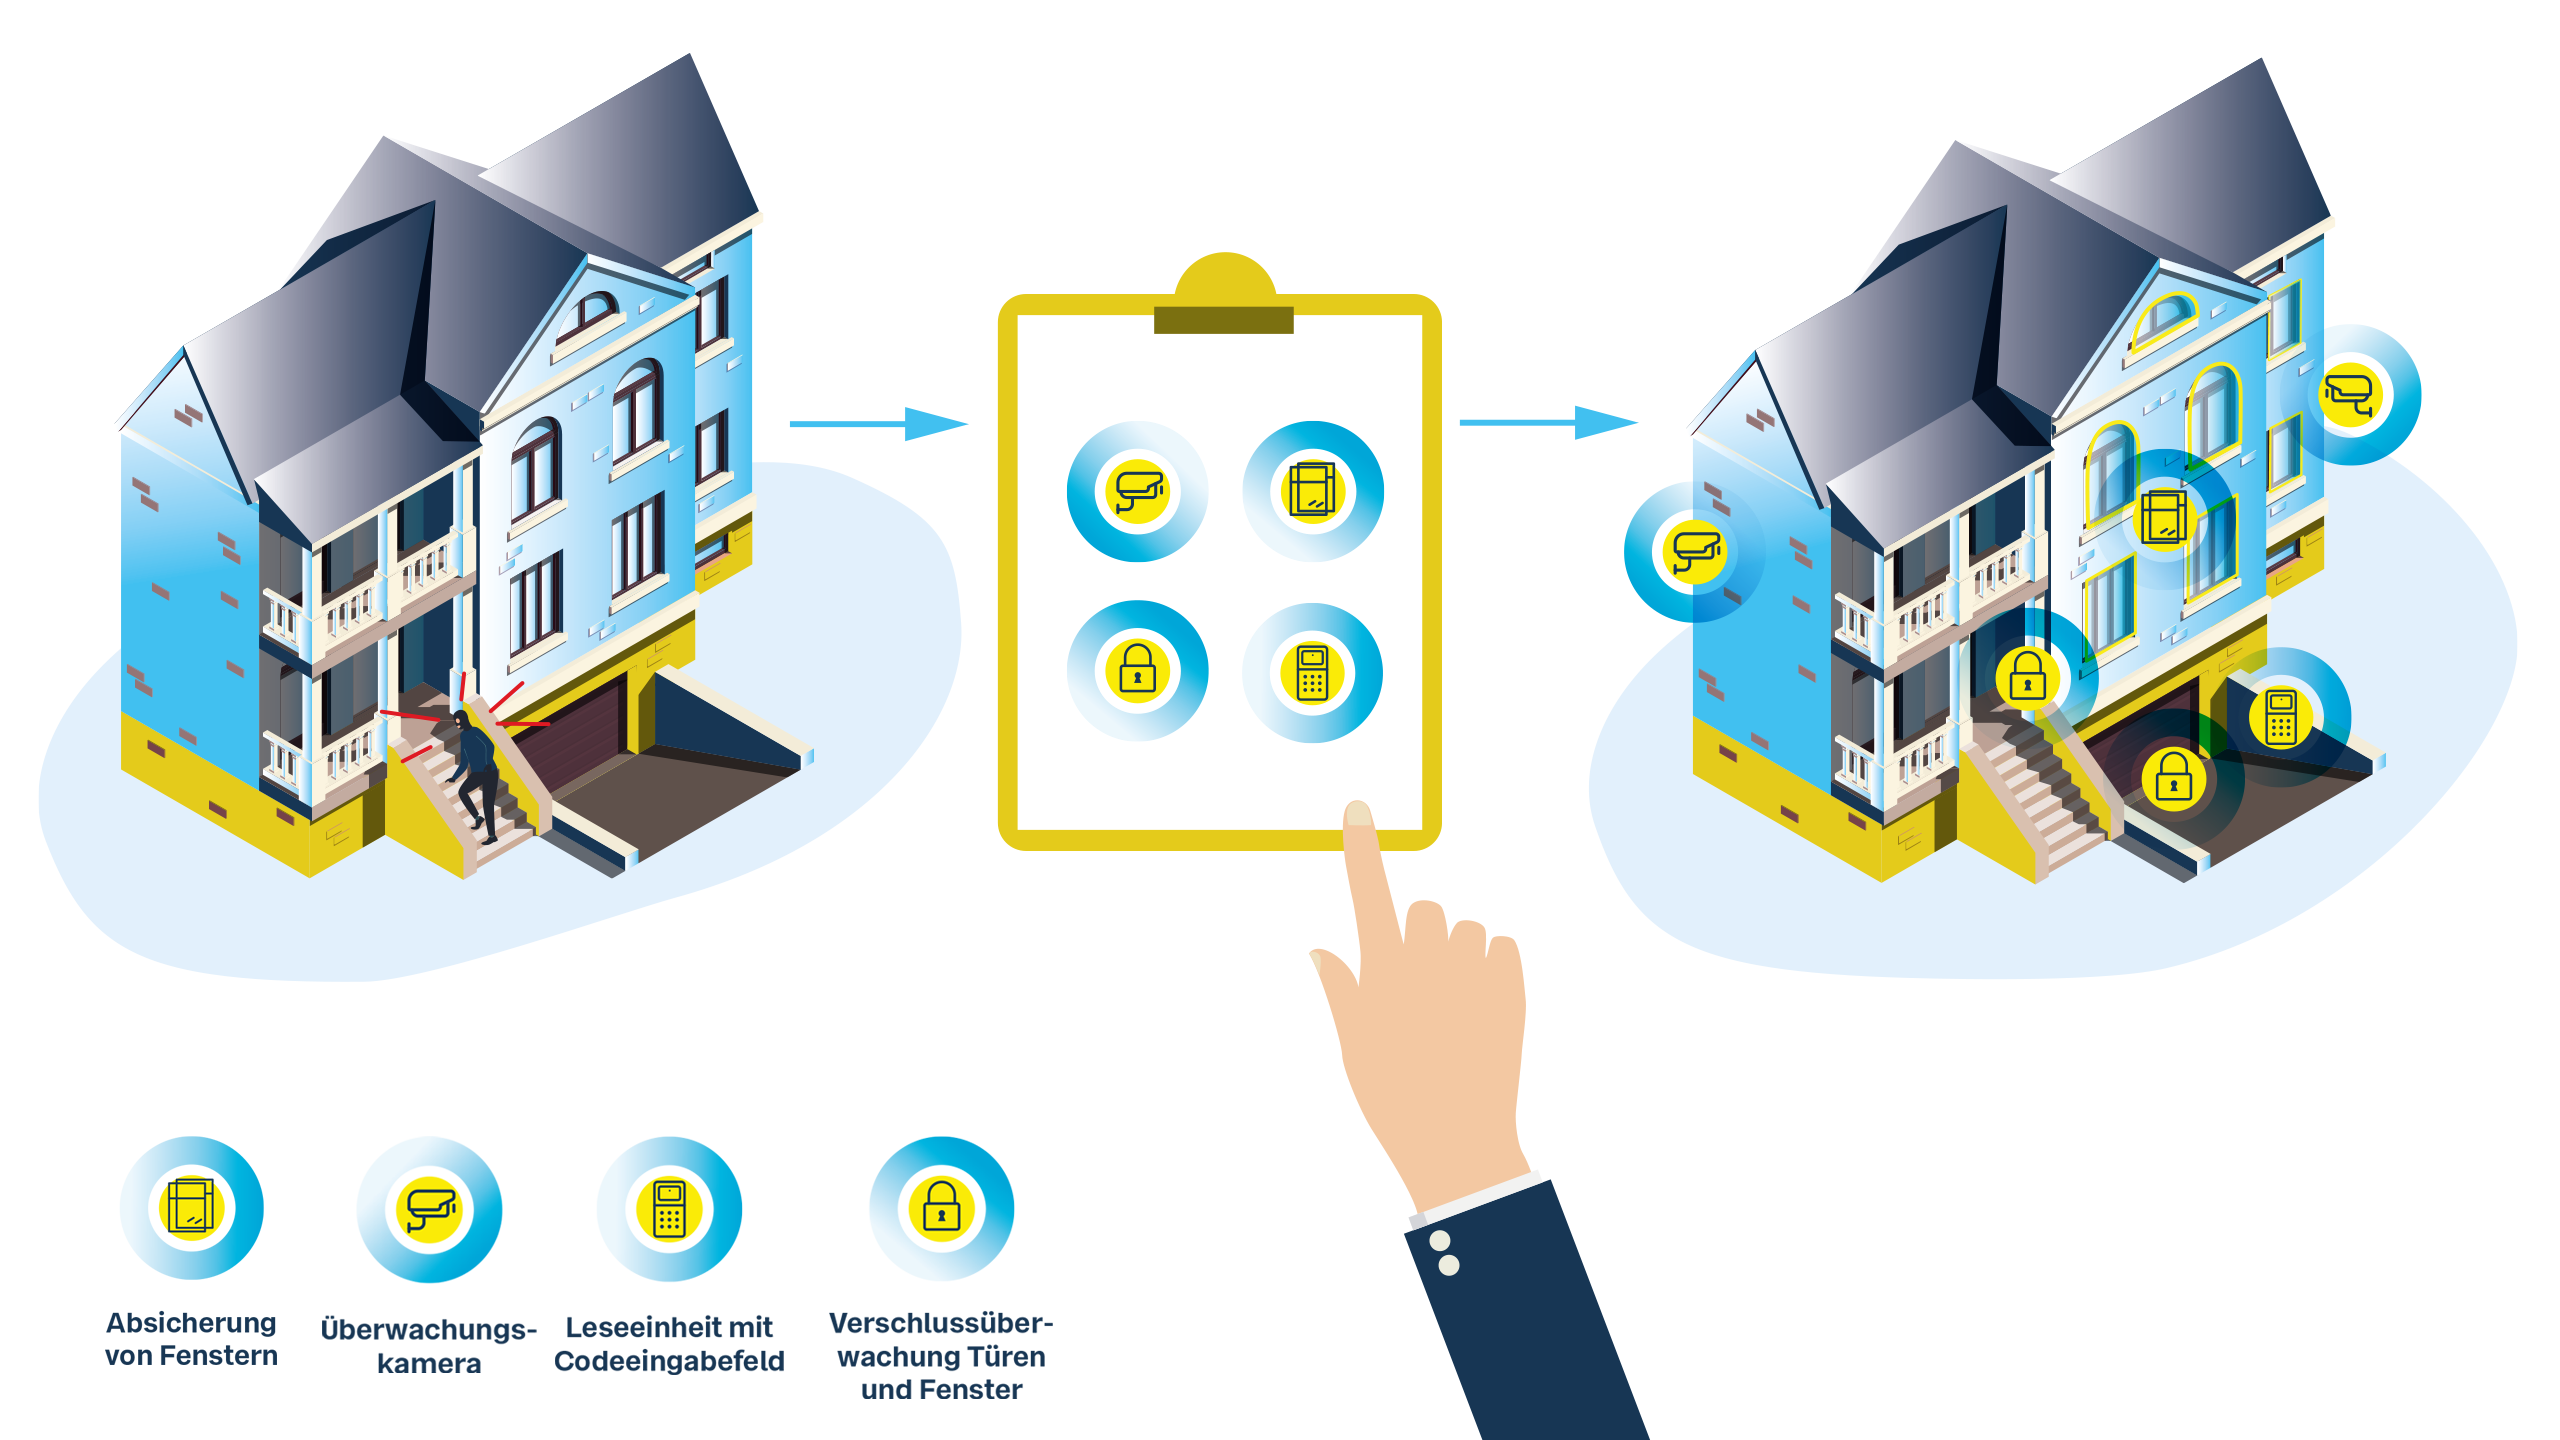 Infografik. Es wird der Planungsvorgang von Schmid Alarm für einen Privathaushalt dargestellt